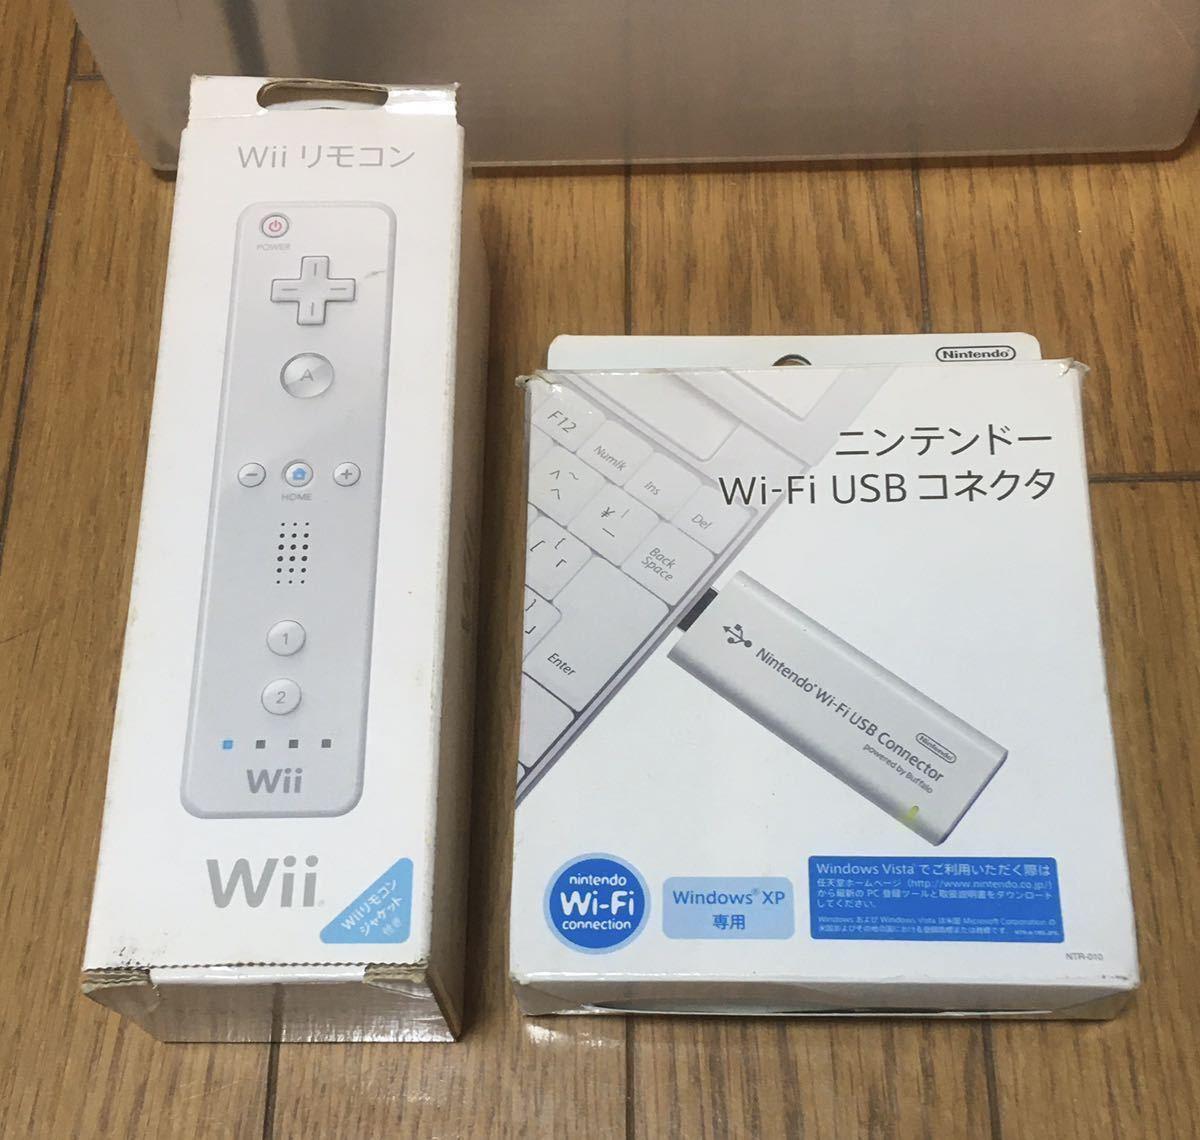 任天堂 Wii 本体 コントローラー ソフト ケーブル セット 中古 ジャンク品 / セガ namco ソニー PSP Switch GWのステイホームにゲーム!